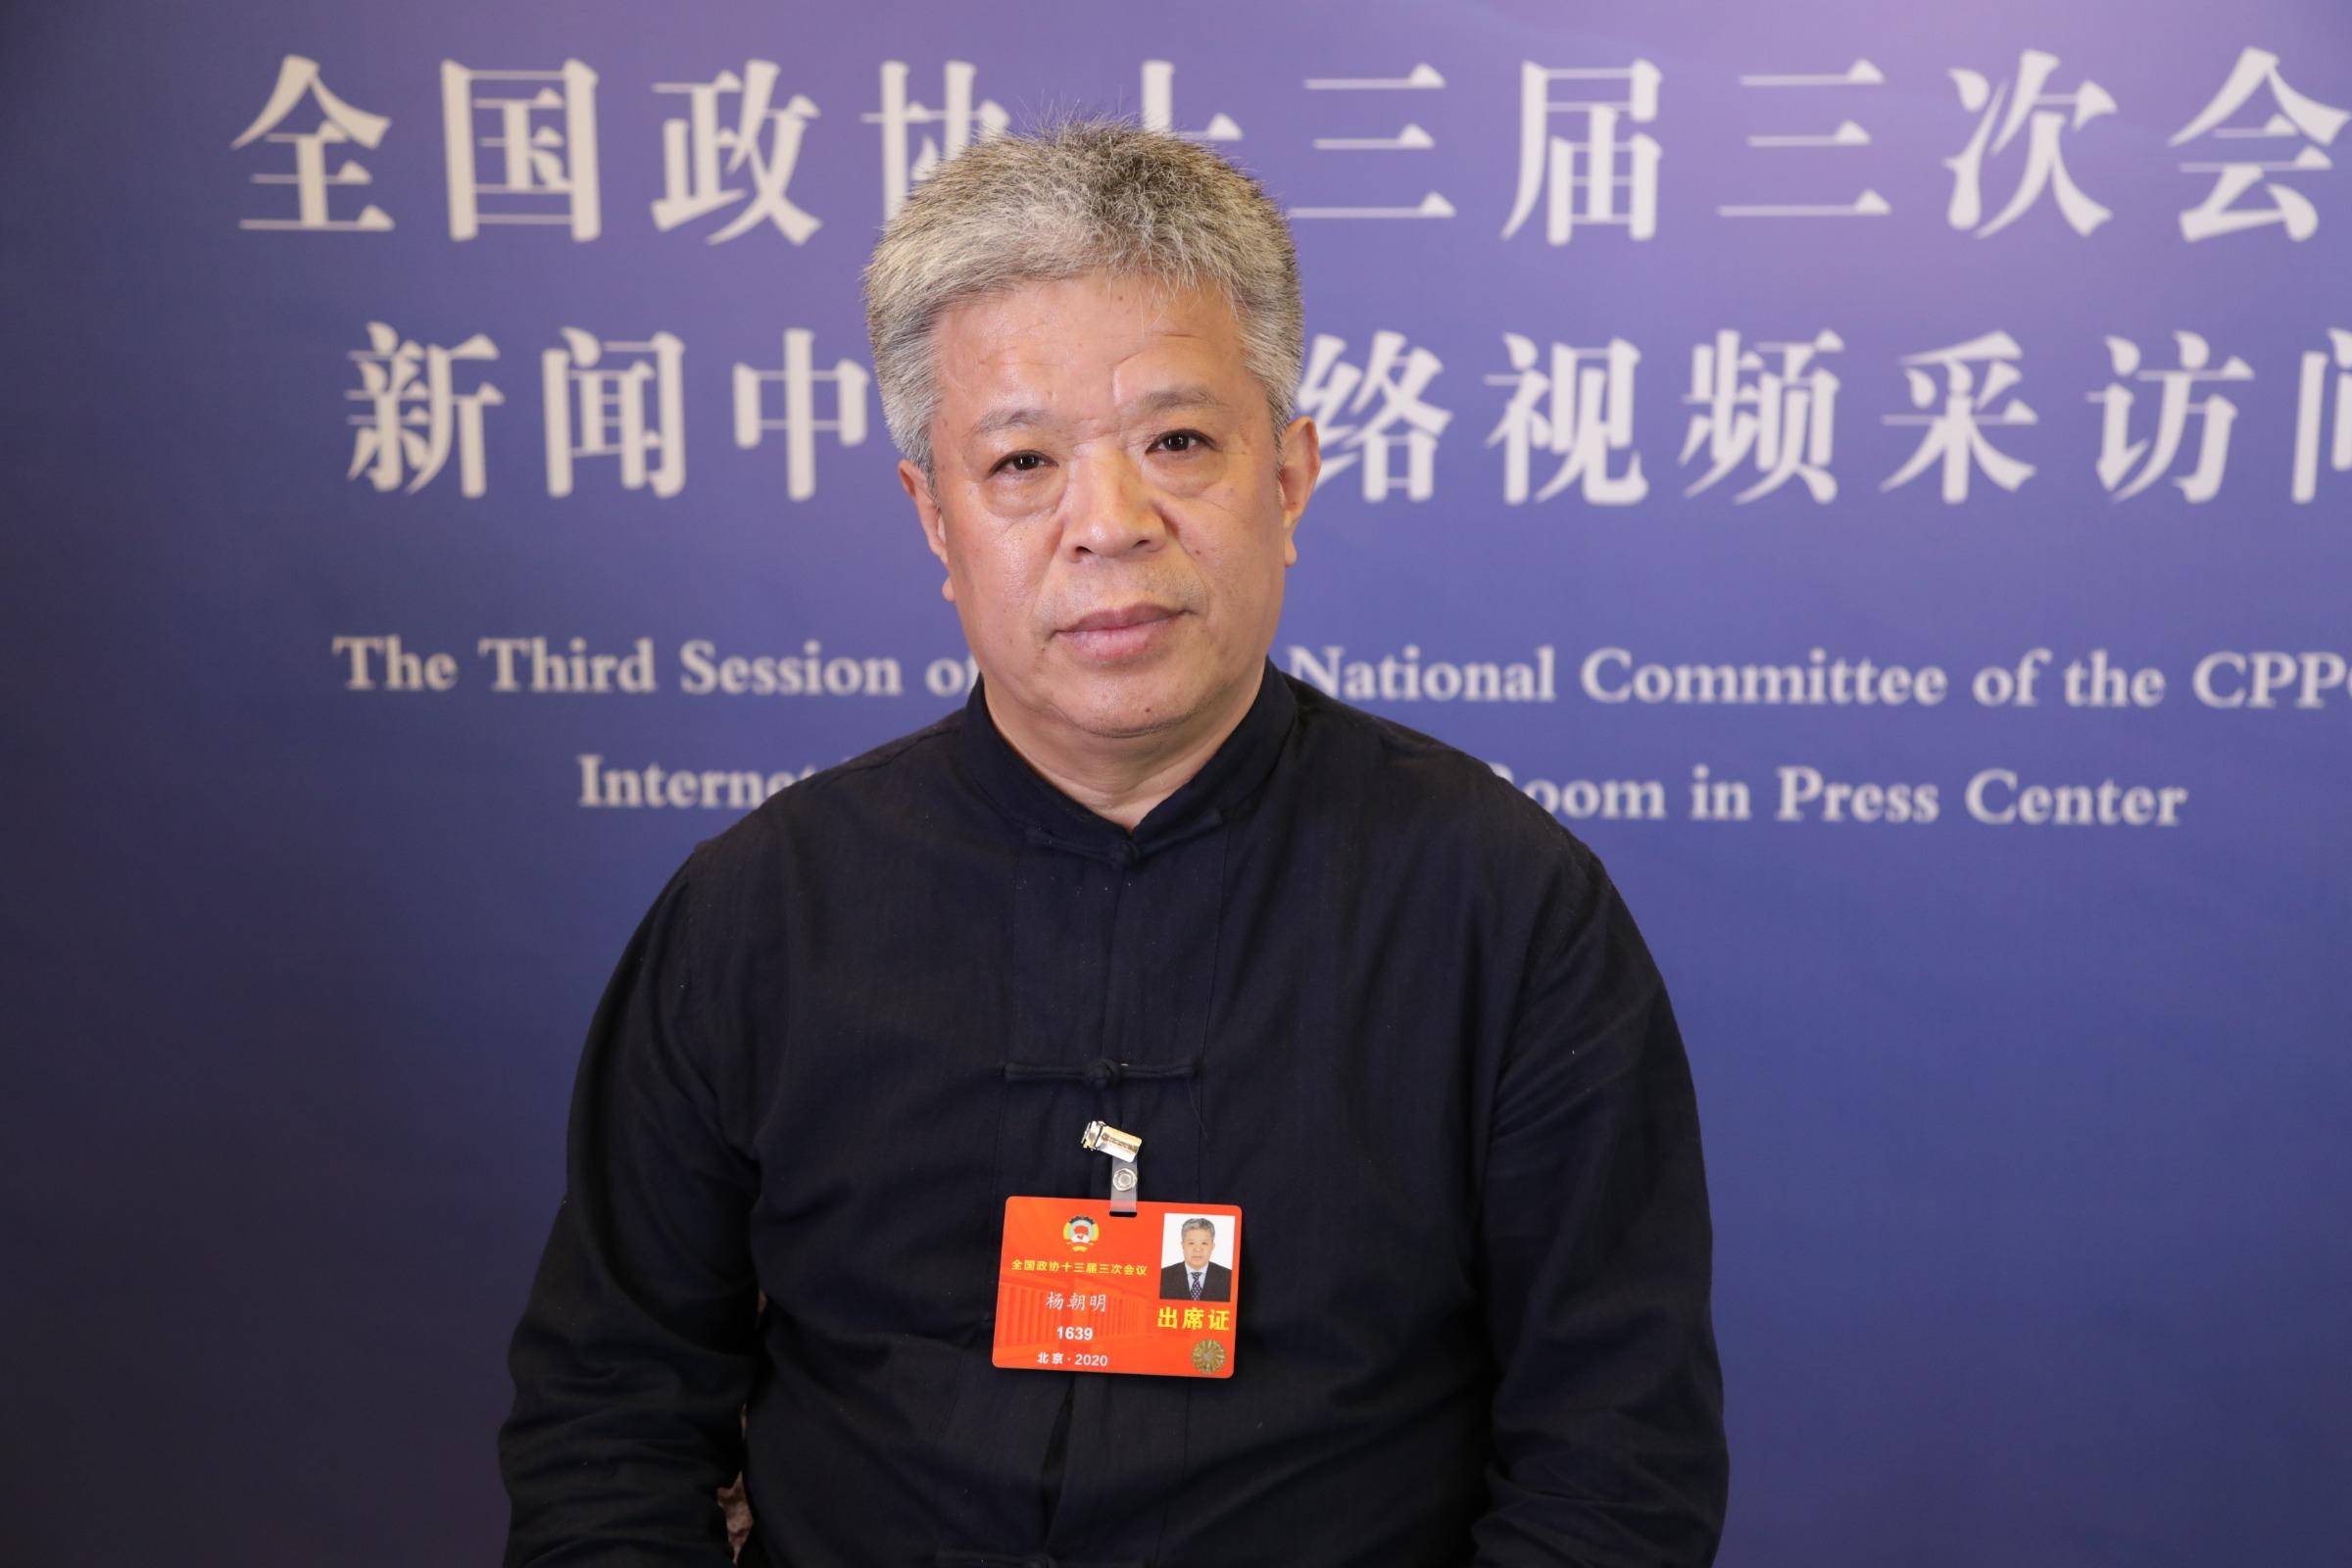 全国政协委员杨朝明:保持社交距离 倡拱手作揖礼